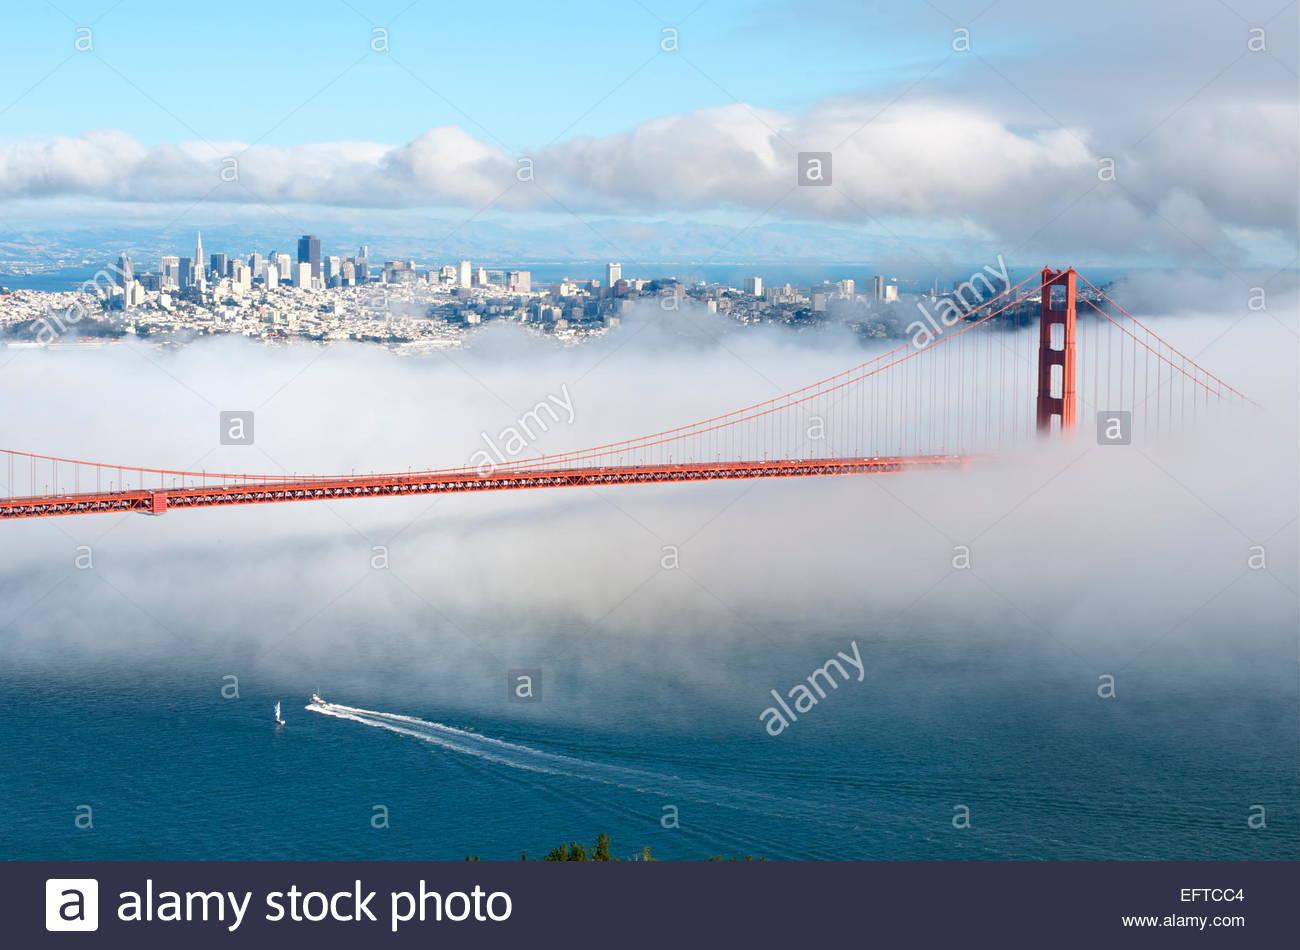 Golden Gate Bridge im dicken Nebel und Waterfront Stadtbild im Hintergrund Stockbild